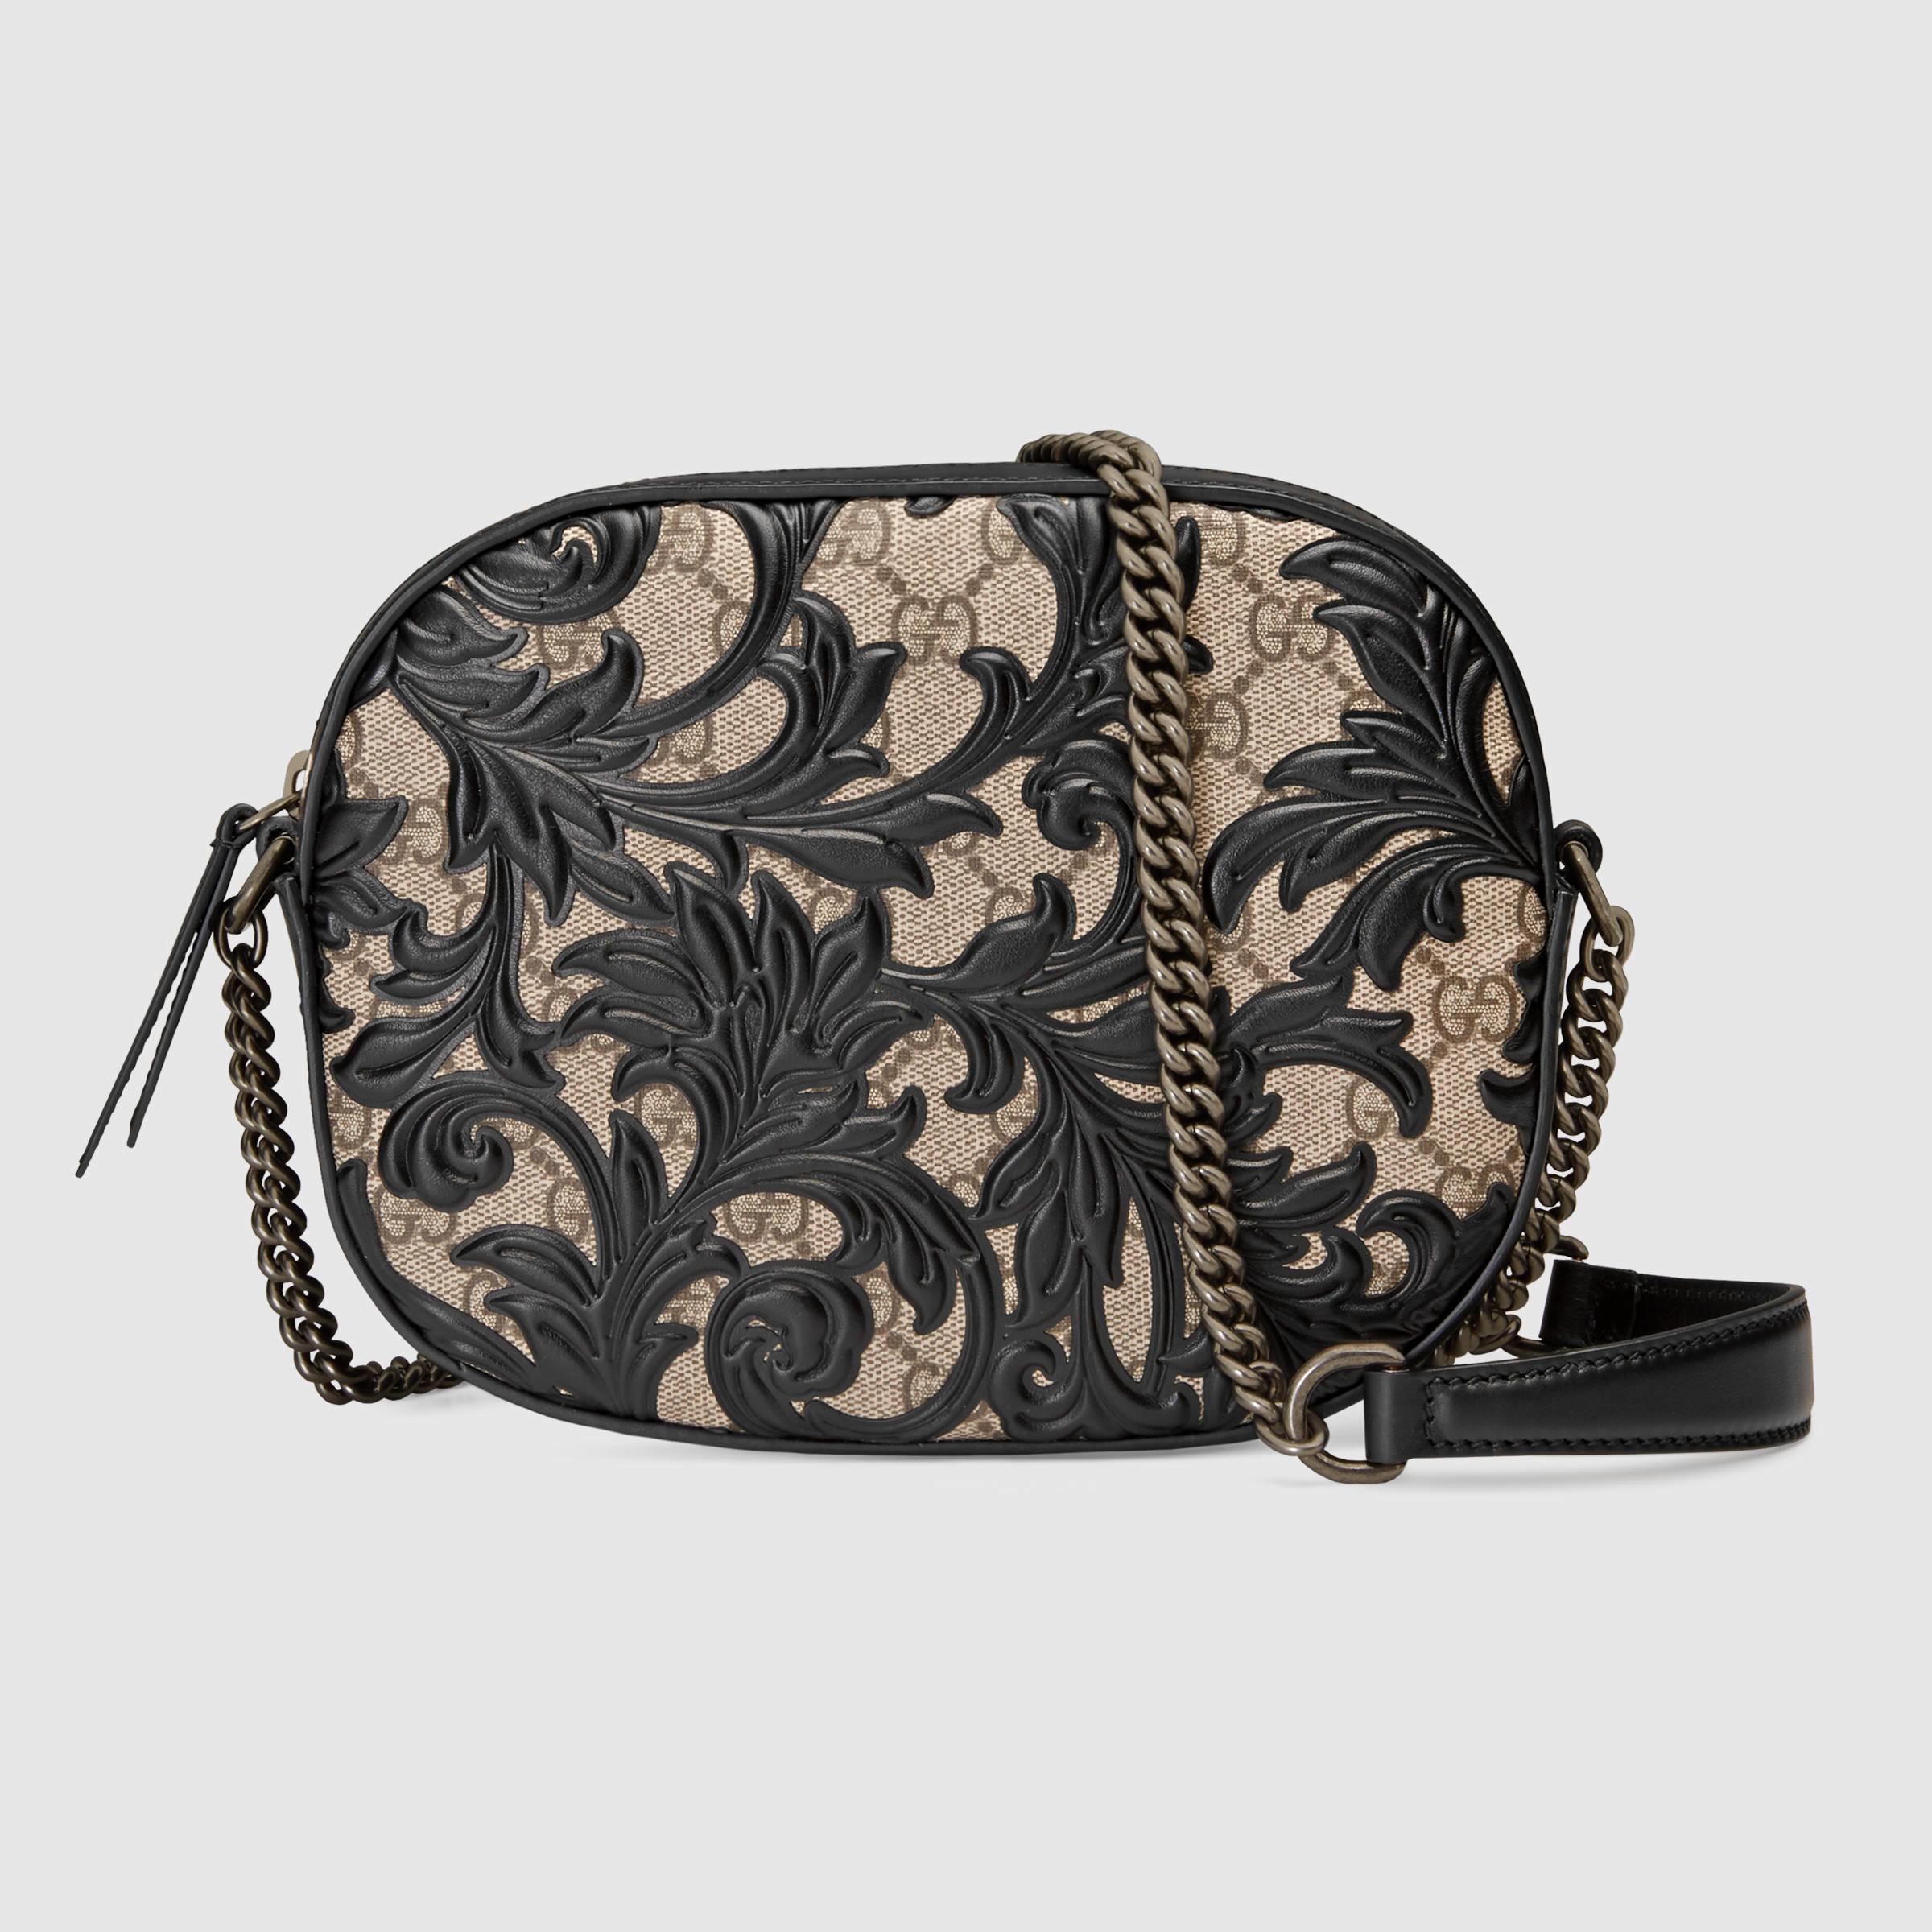 f24910ae5fb7 Gucci Arabesque Gg Supreme Mini Chain Bag in Black - Lyst